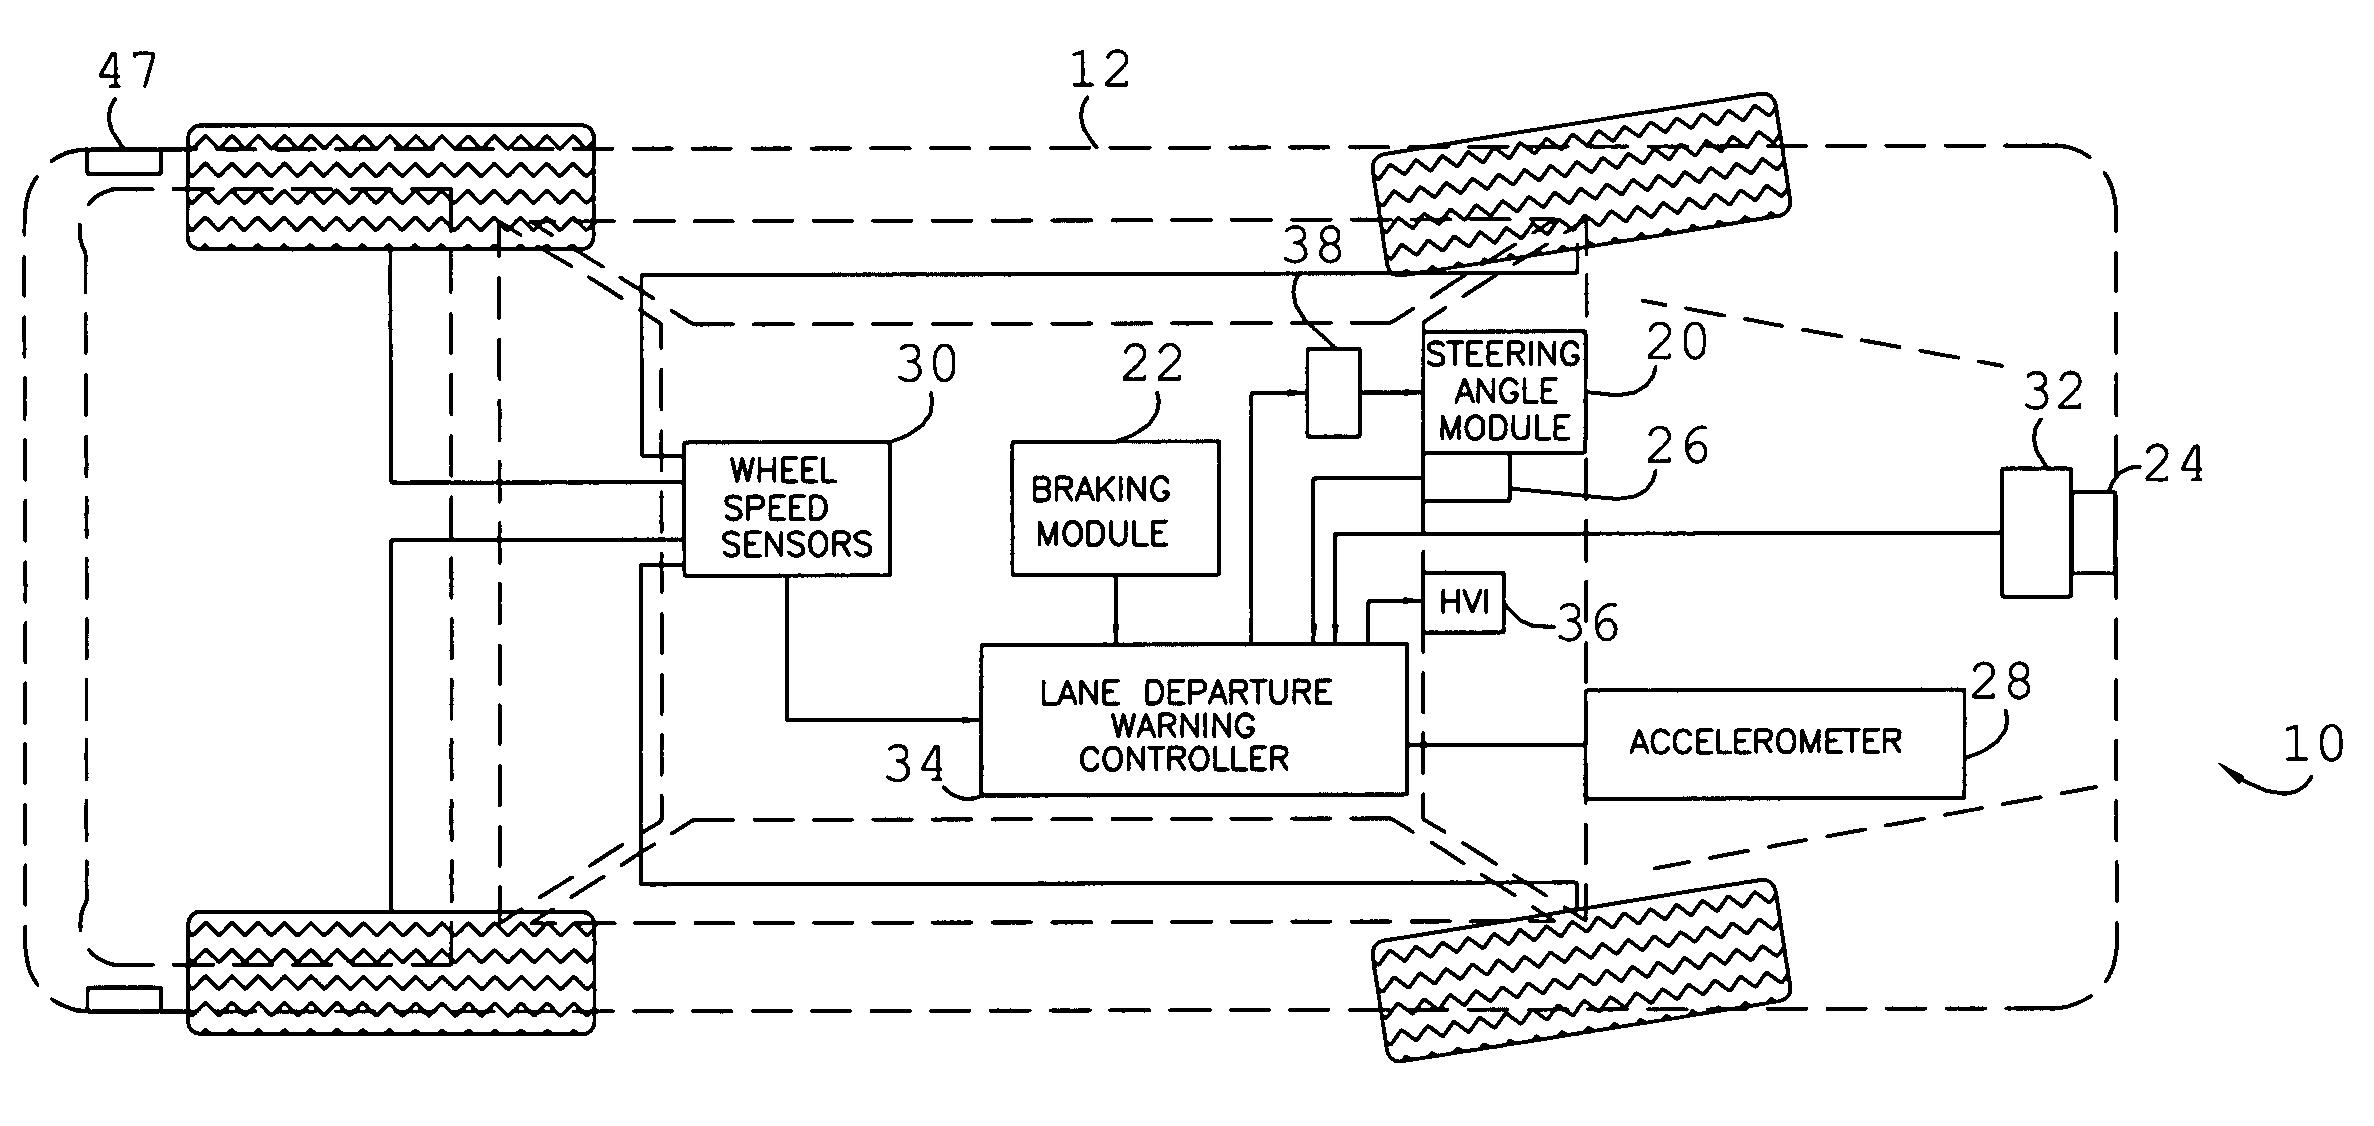 lane departure warning system pdf